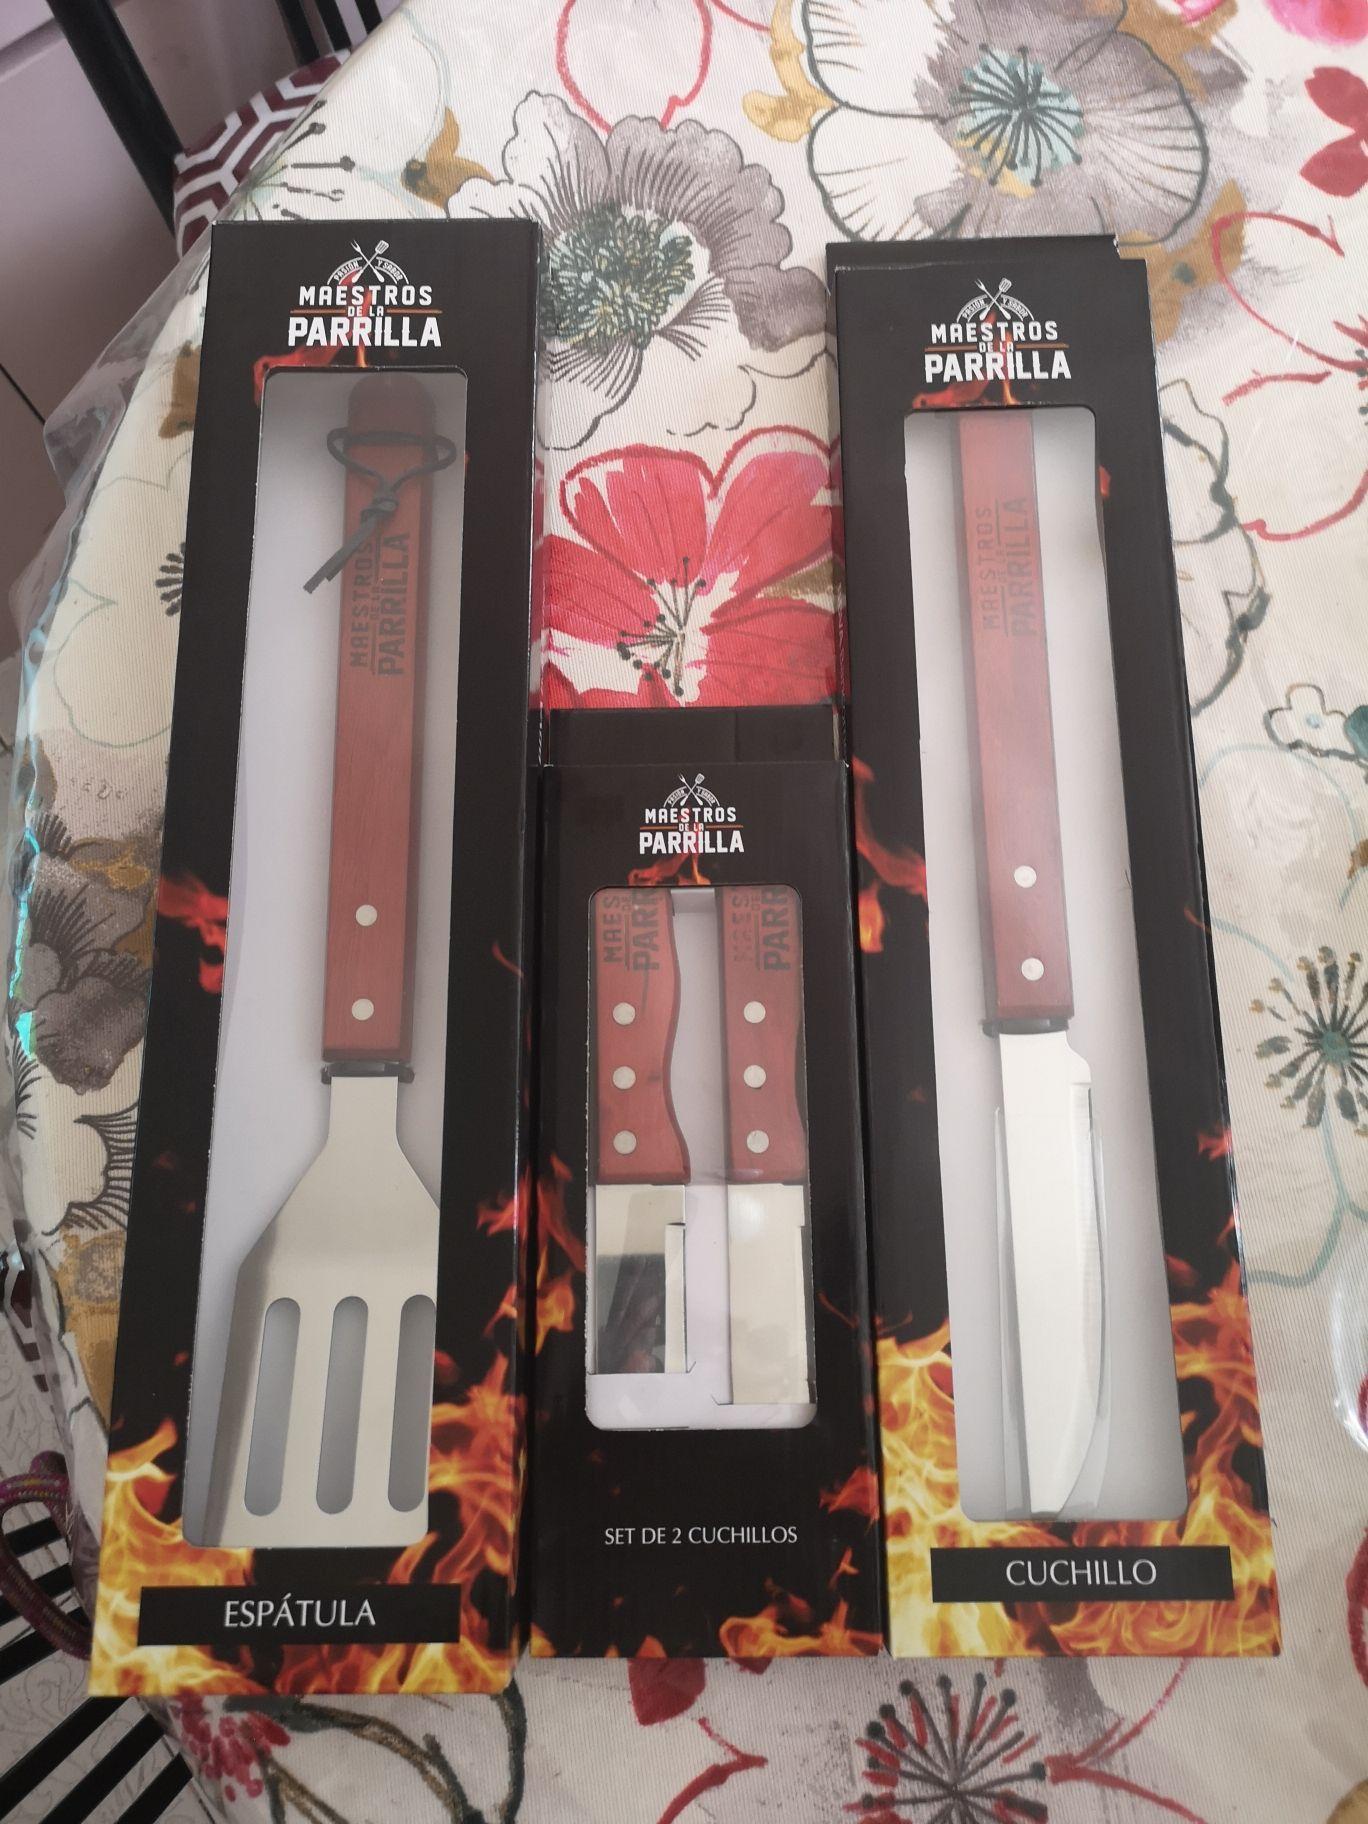 Superama Revolución CDMX, set de 2 cuchillos $35, cuchillo (largo) $15, espátula $35